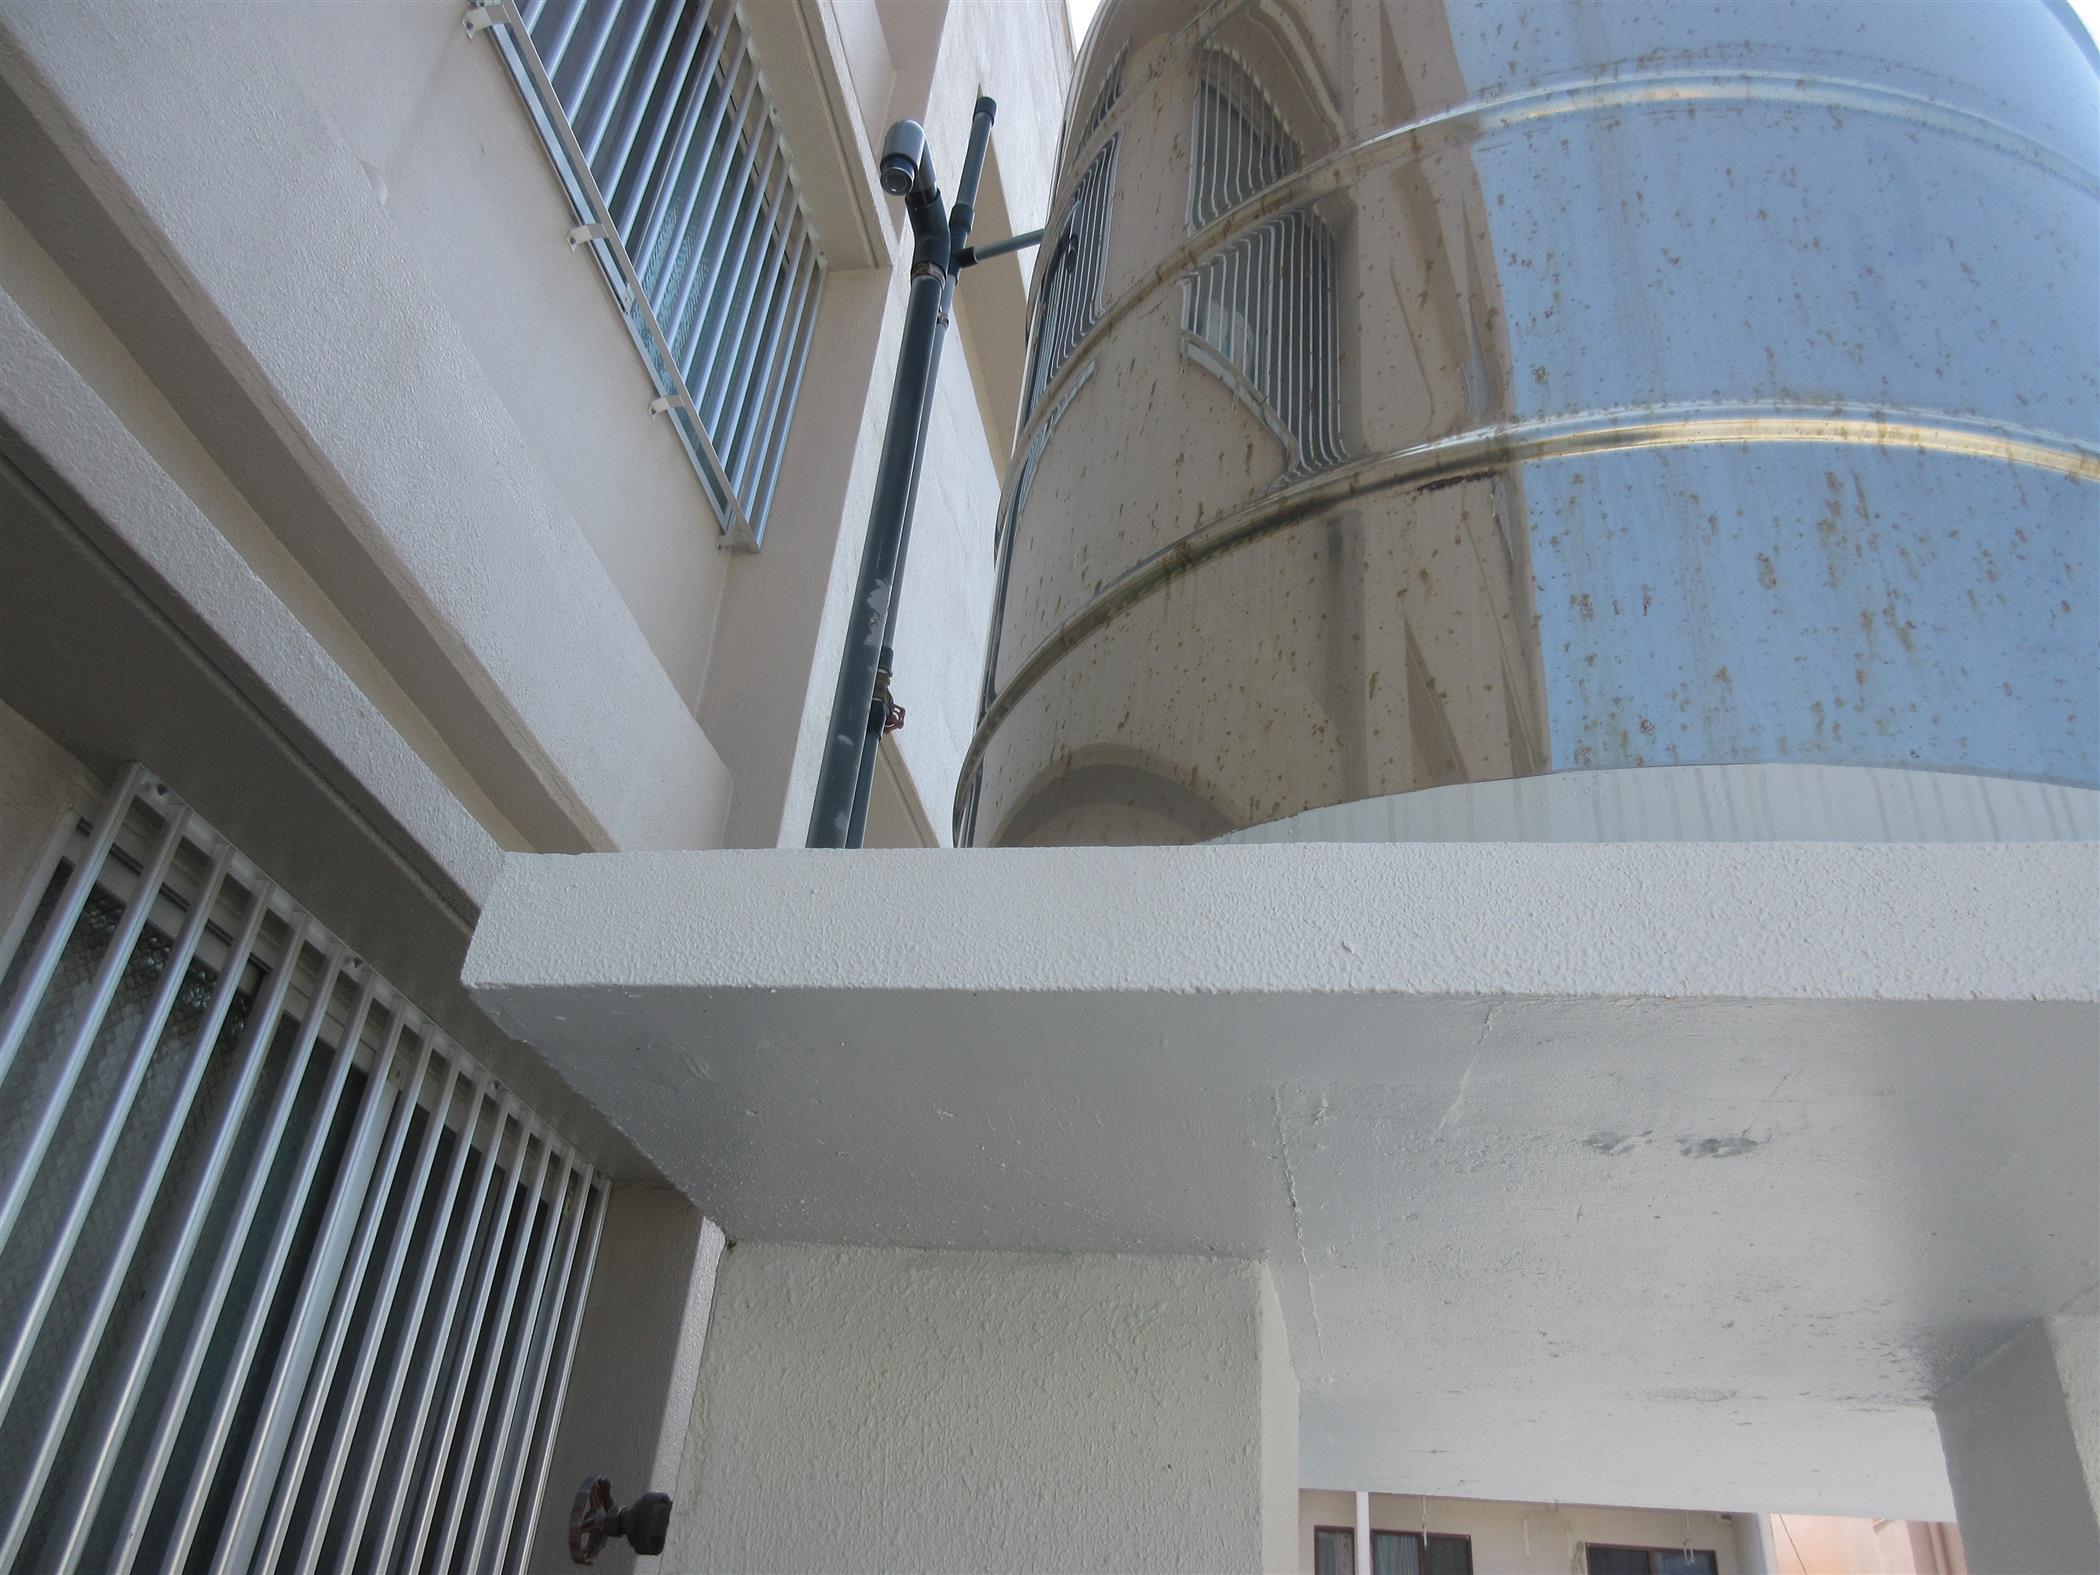 水タンク架台の補修工事(リフォーム施工事例)を公開しました。   沖縄や那覇でリフォームするなら【株式会社 あうん工房】